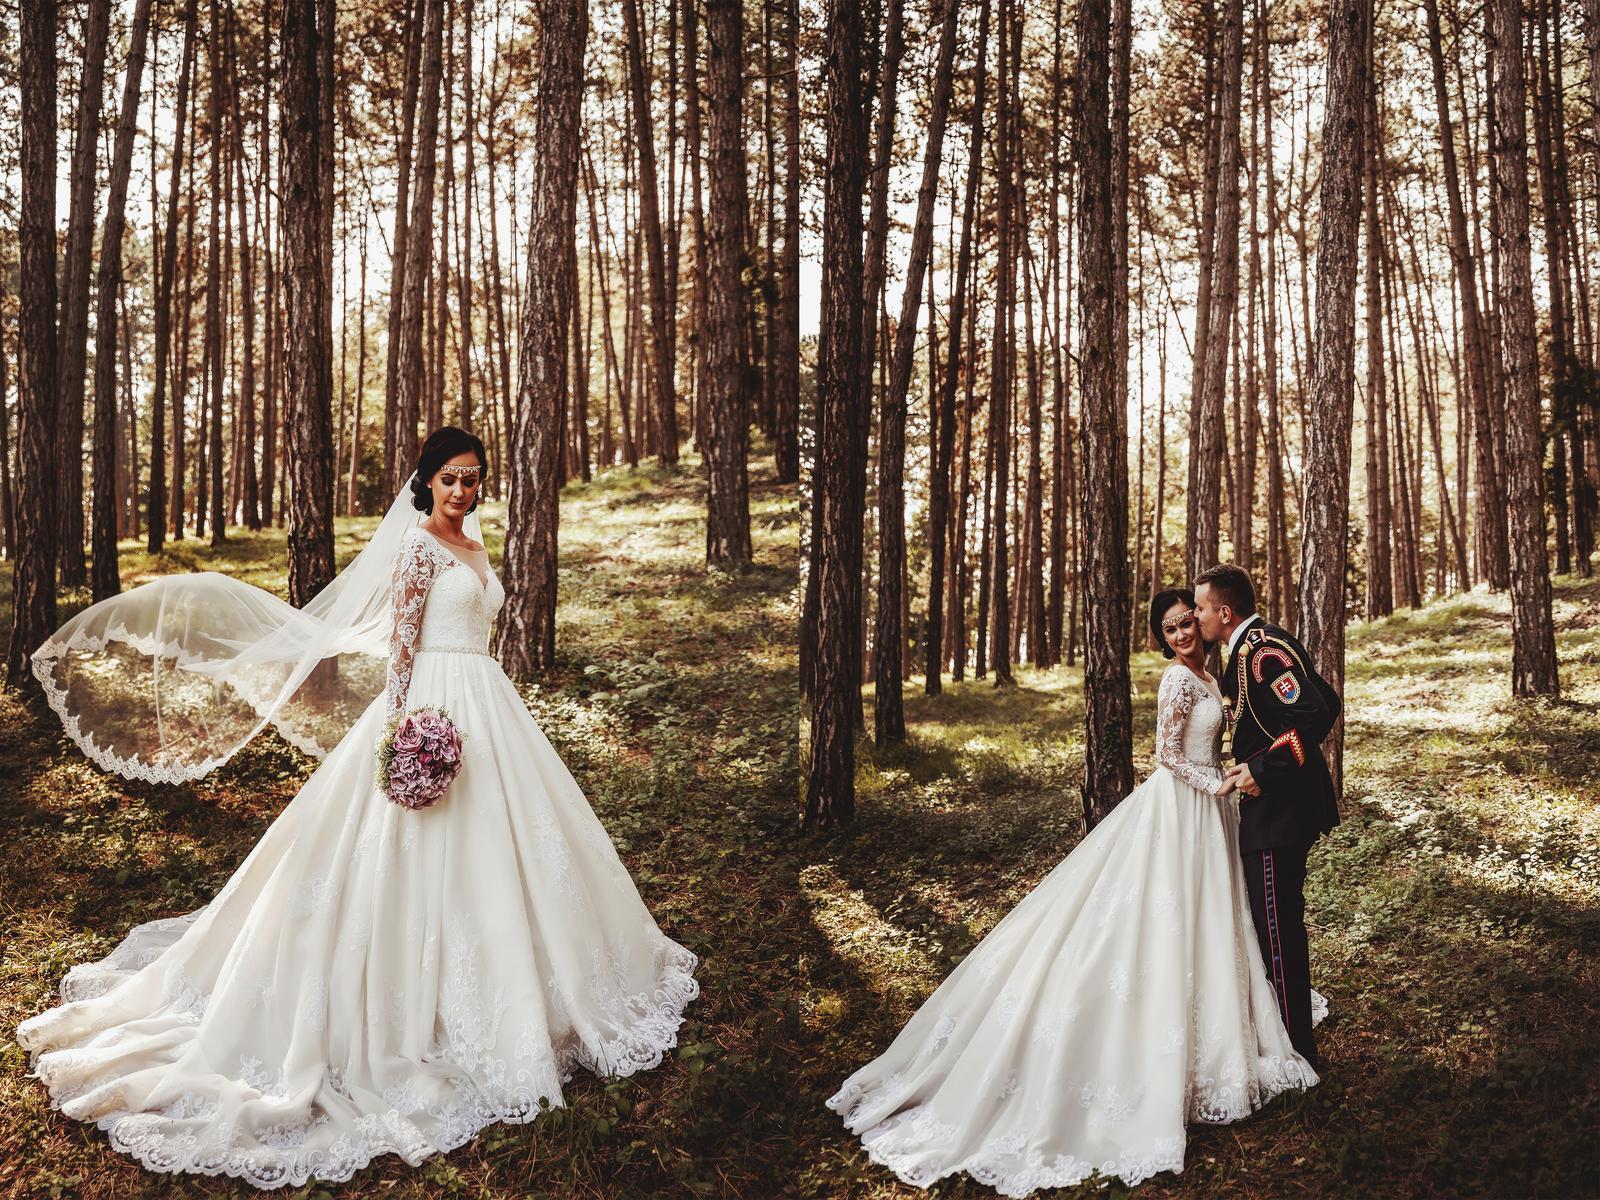 termín svadby je zatiaľ... - Obrázok č. 3